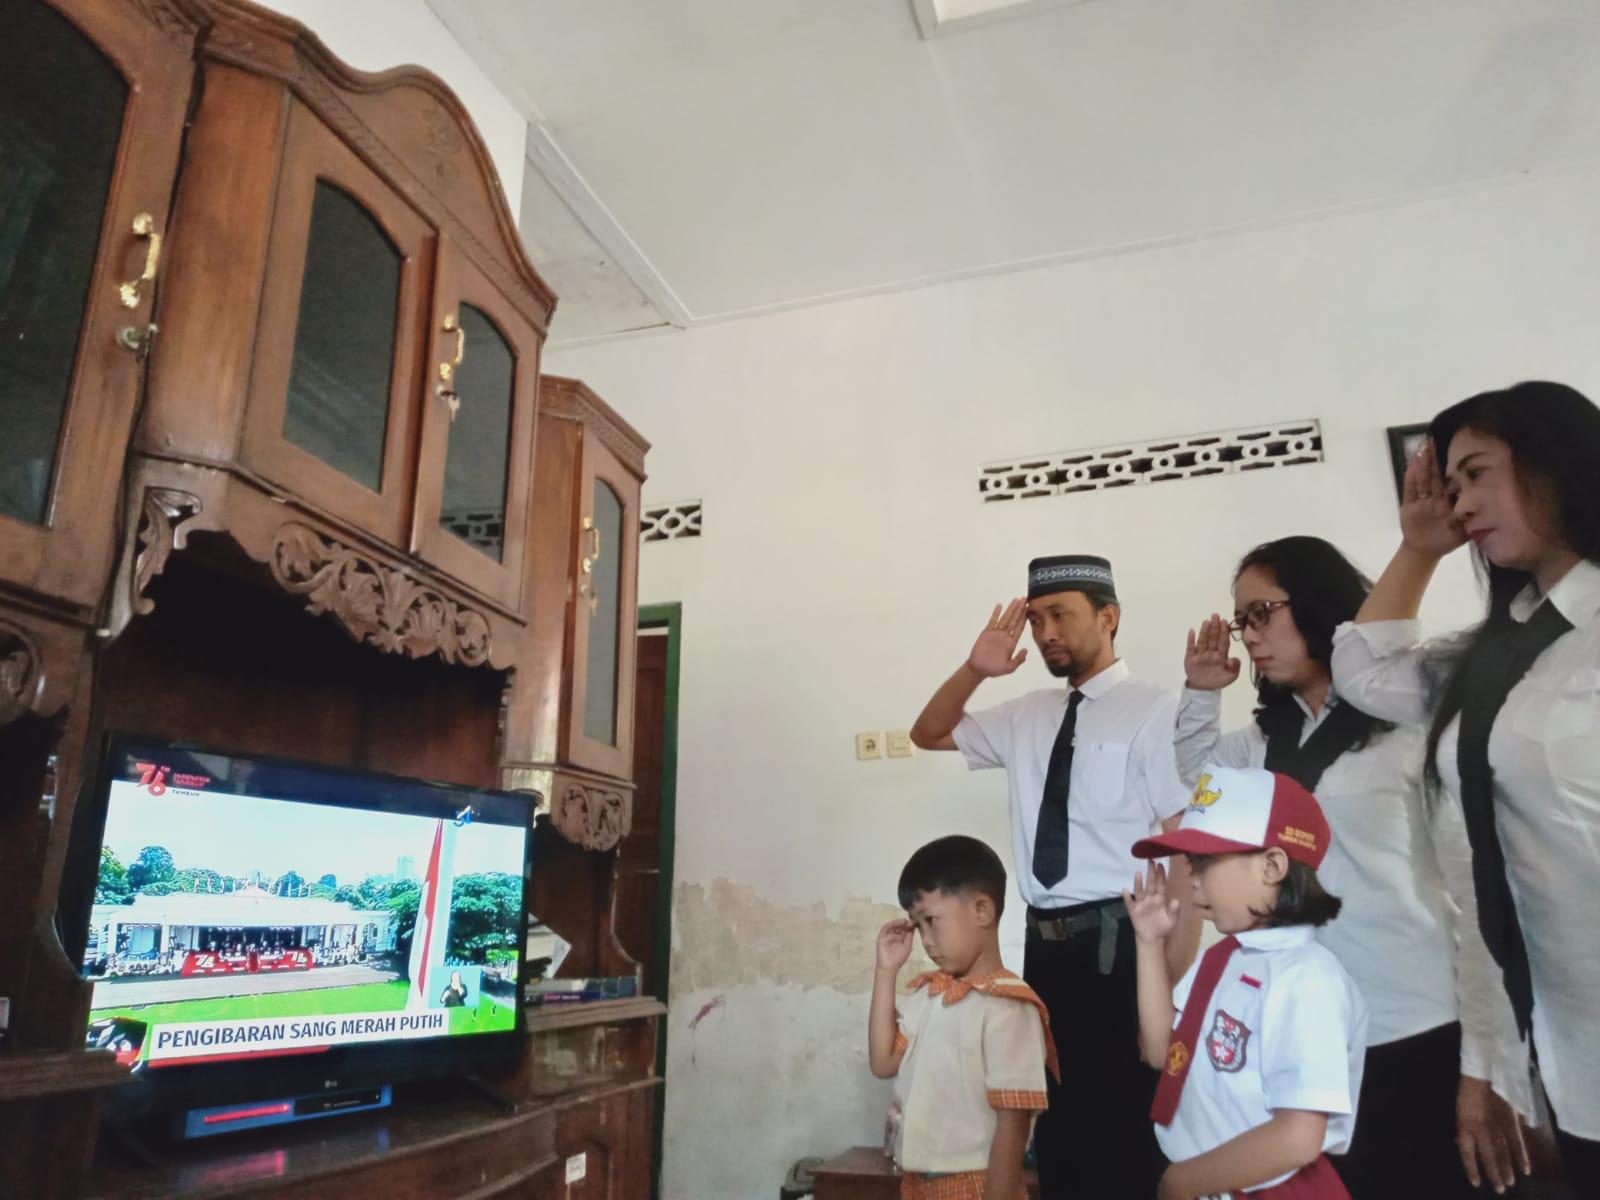 Keluarga Besar SMP Negeri 3 Kasihan  ikuti  Upacara HUT RI ke-76 secara Virtual